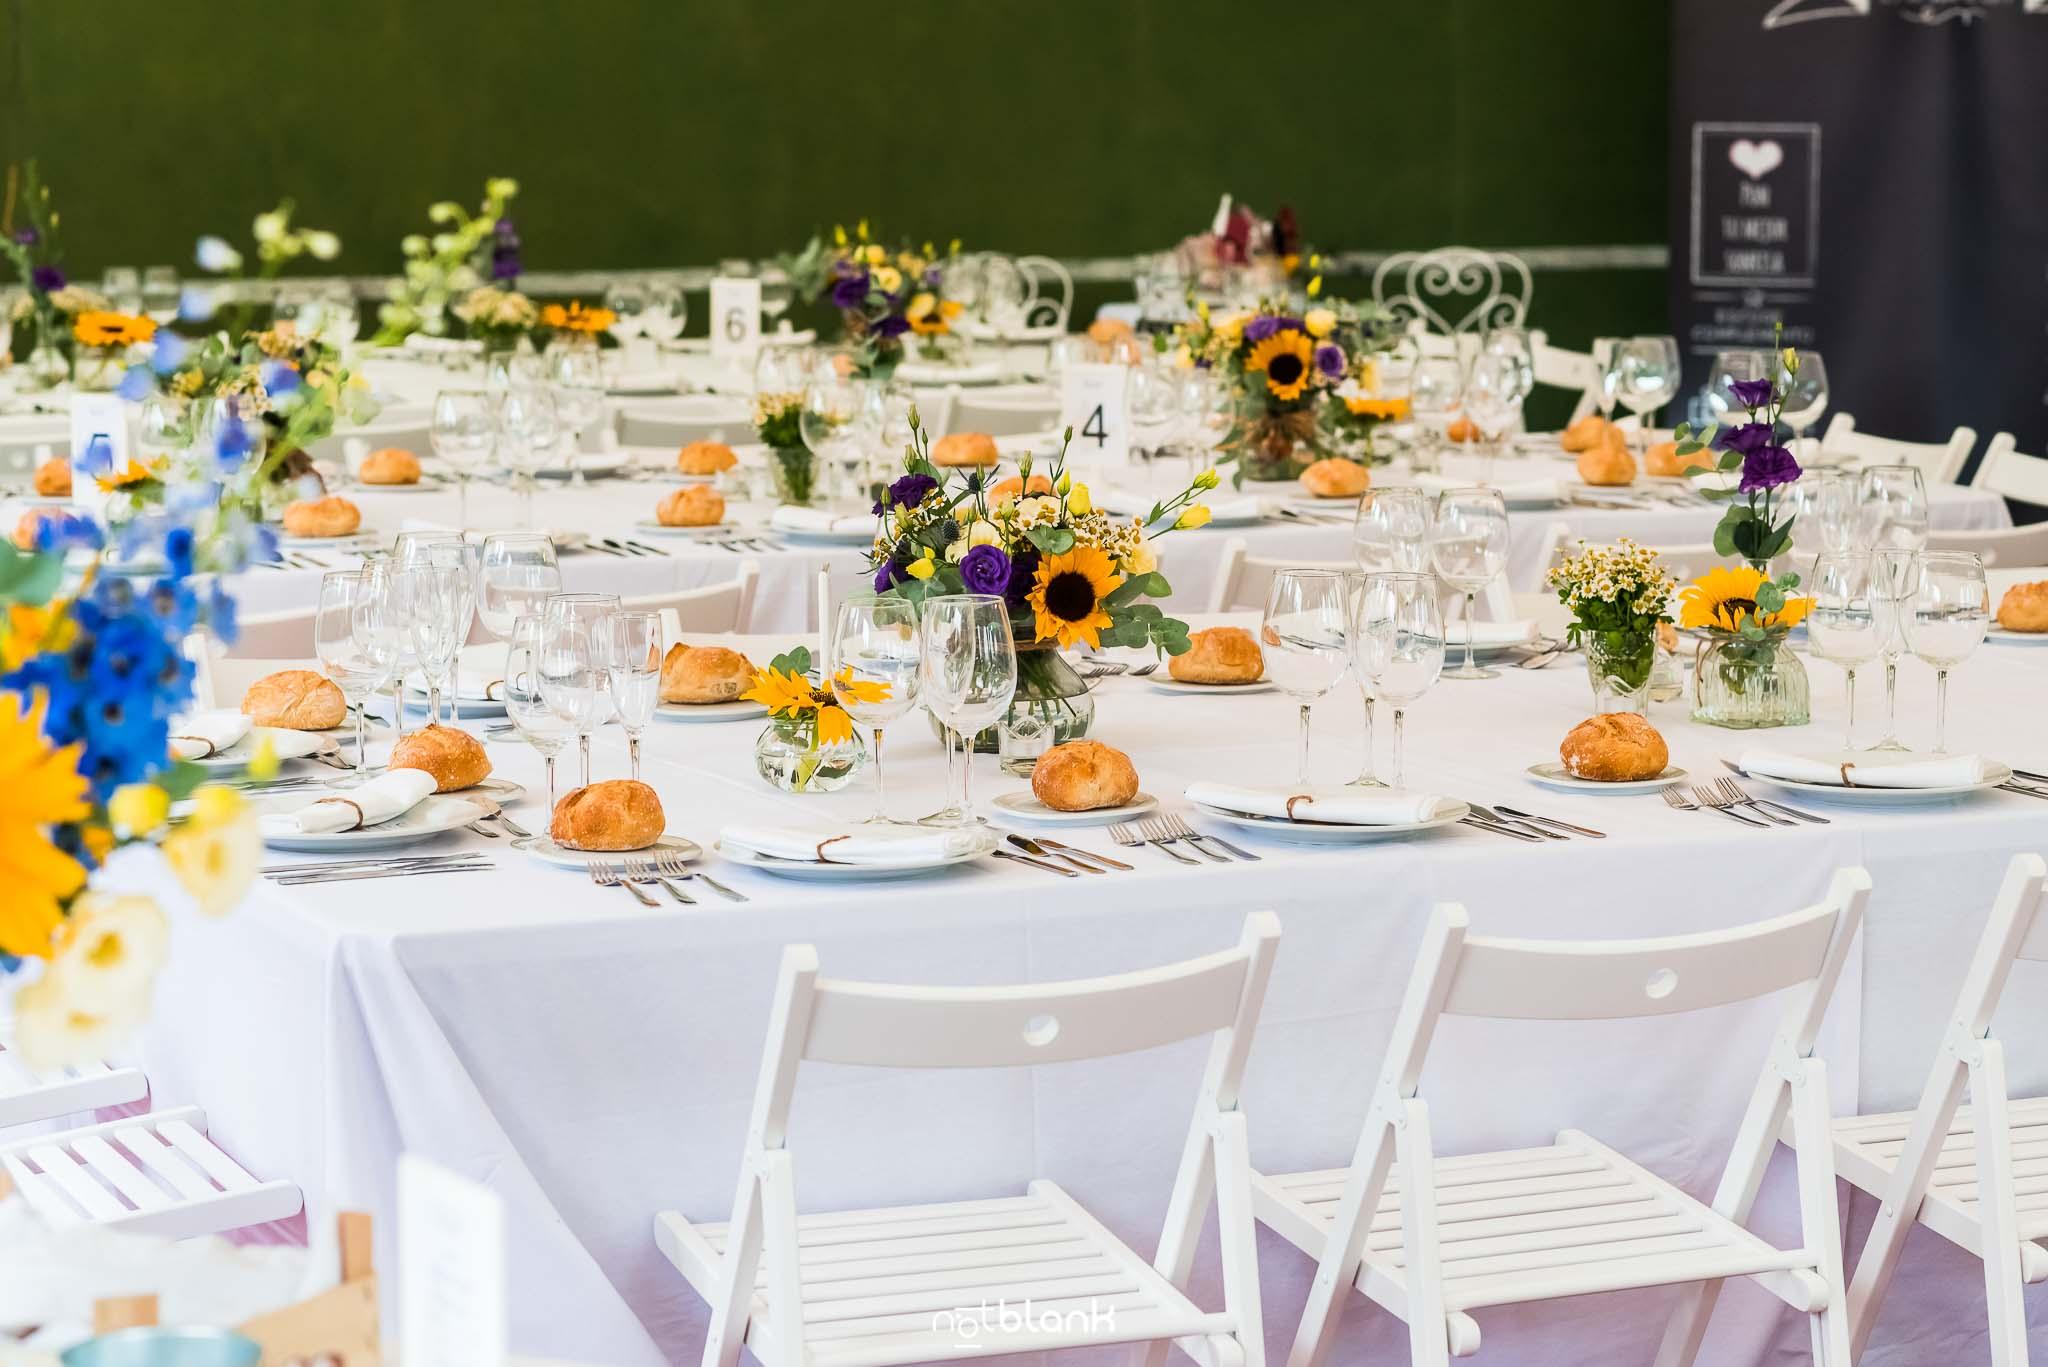 Boda En El Jardin De Casa Jana y Fran - Decoracion floral de las mesas del banquete de boda - Notblank Fotografos de boda